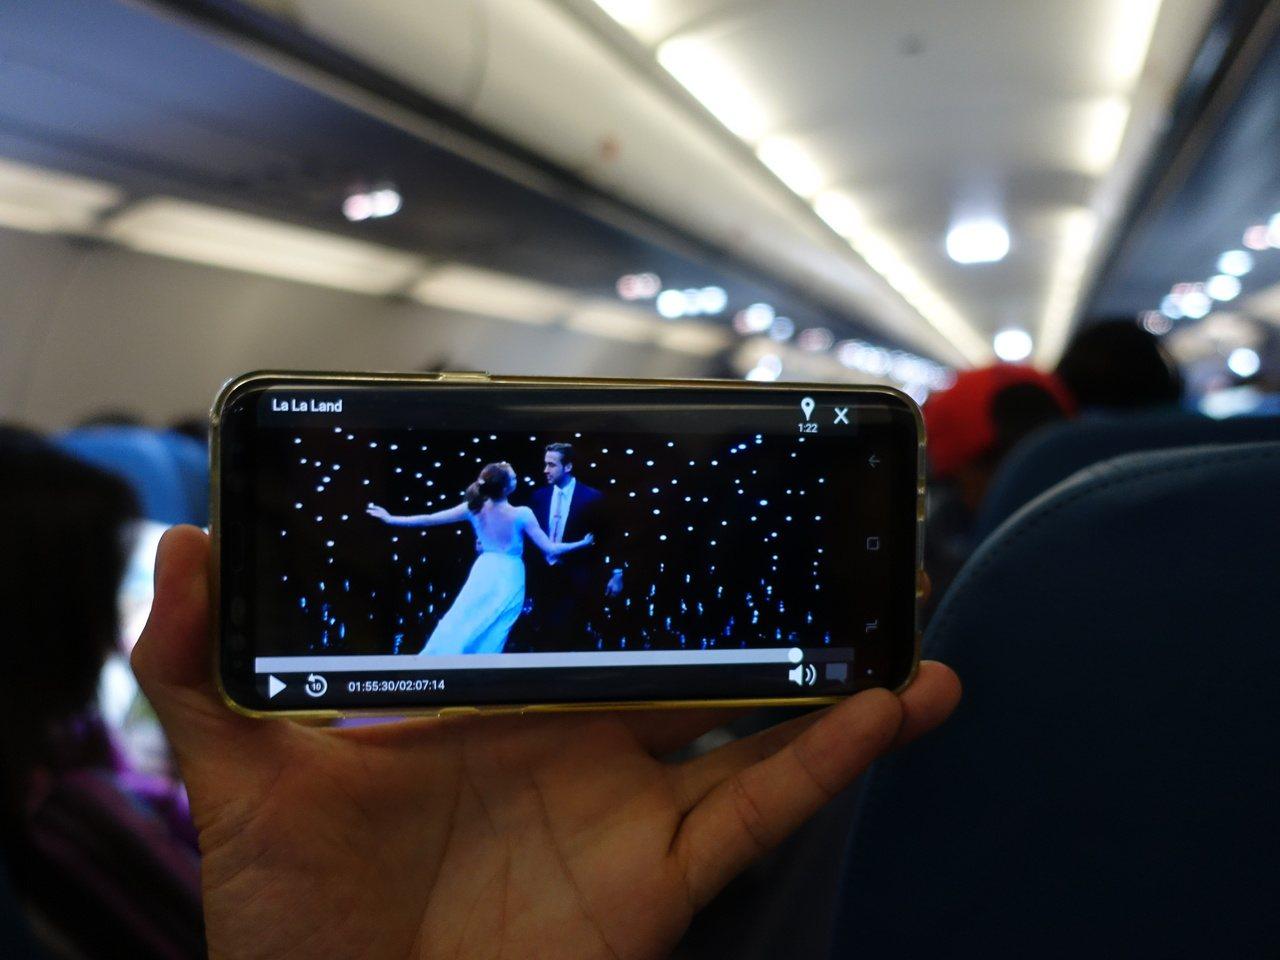 『菲律賓航空』讓人出乎意料的機上娛樂,可以用手機或平板結合APP「My Pal ...